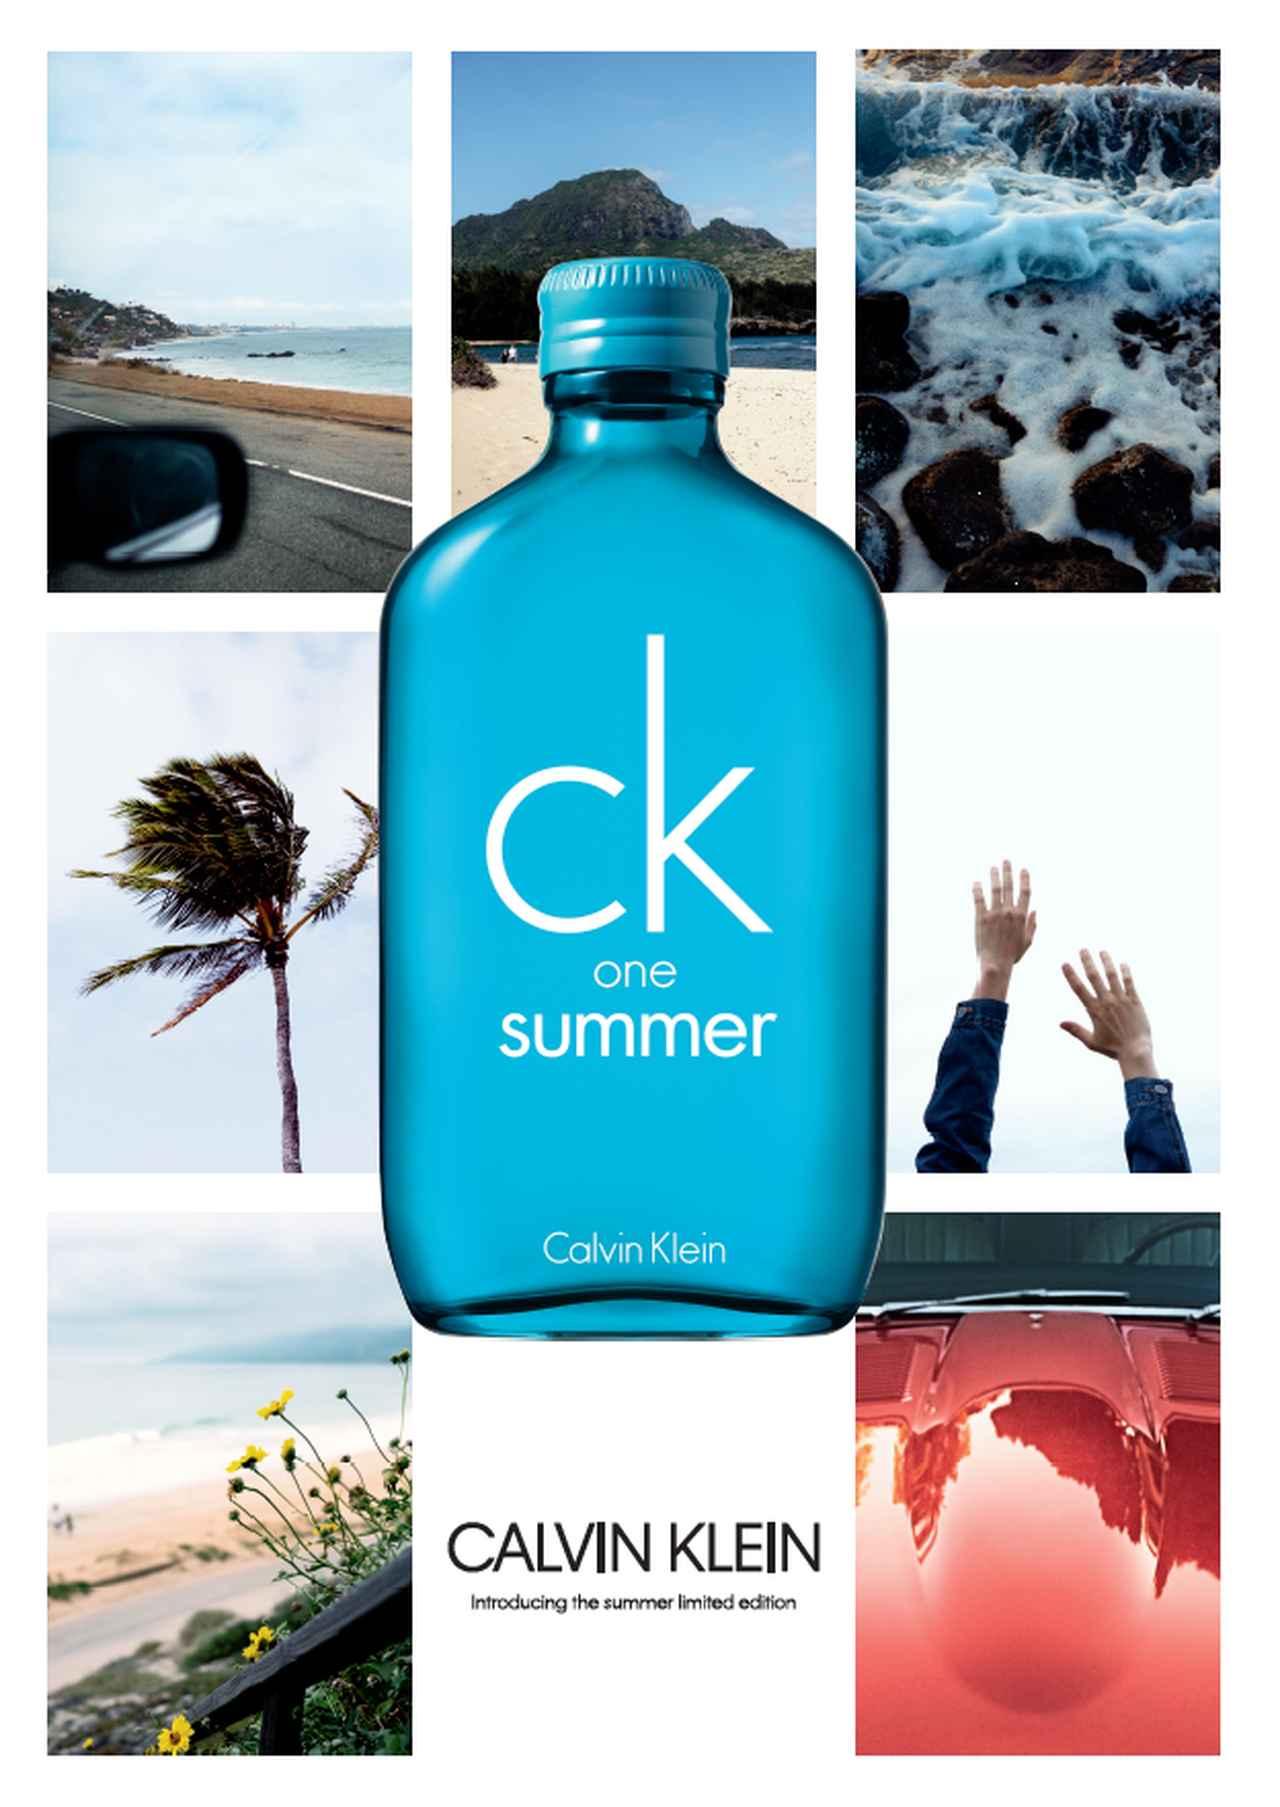 画像2: カルバン クライン、夏空を表現した限定トワレ